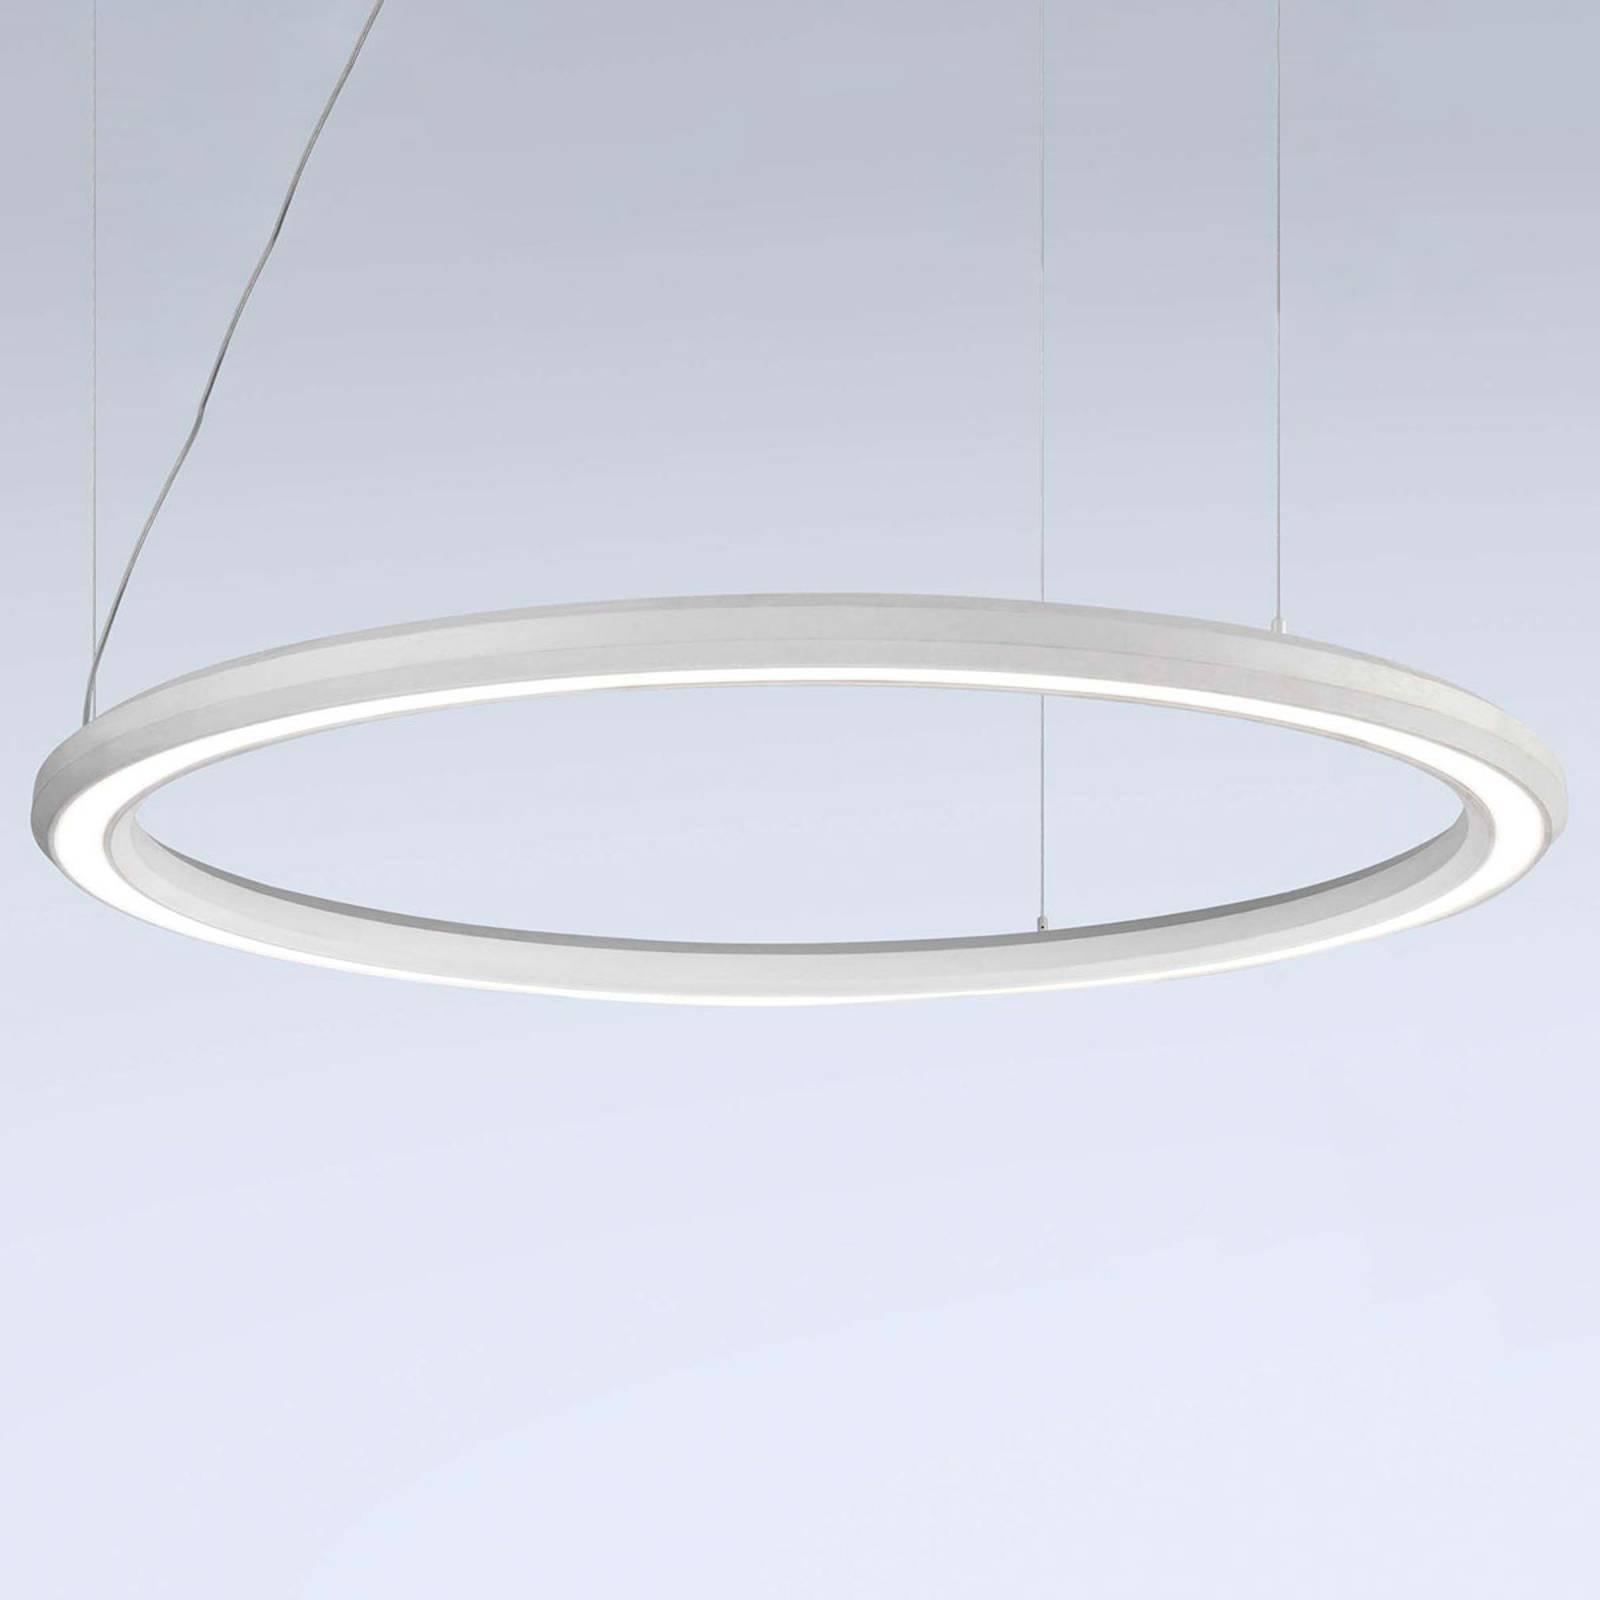 LED-Hängeleuchte Materica unten Ø 120 cm weiß günstig online kaufen